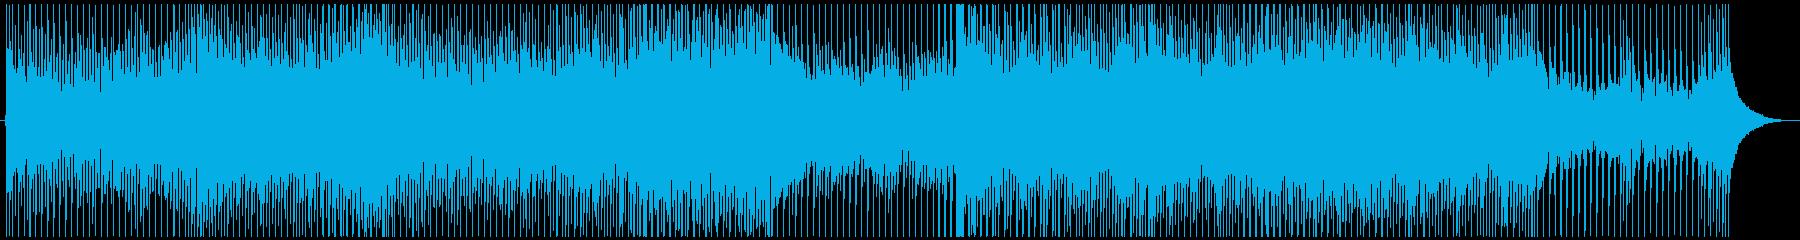 陽気でクールなトロピカルハウスの再生済みの波形